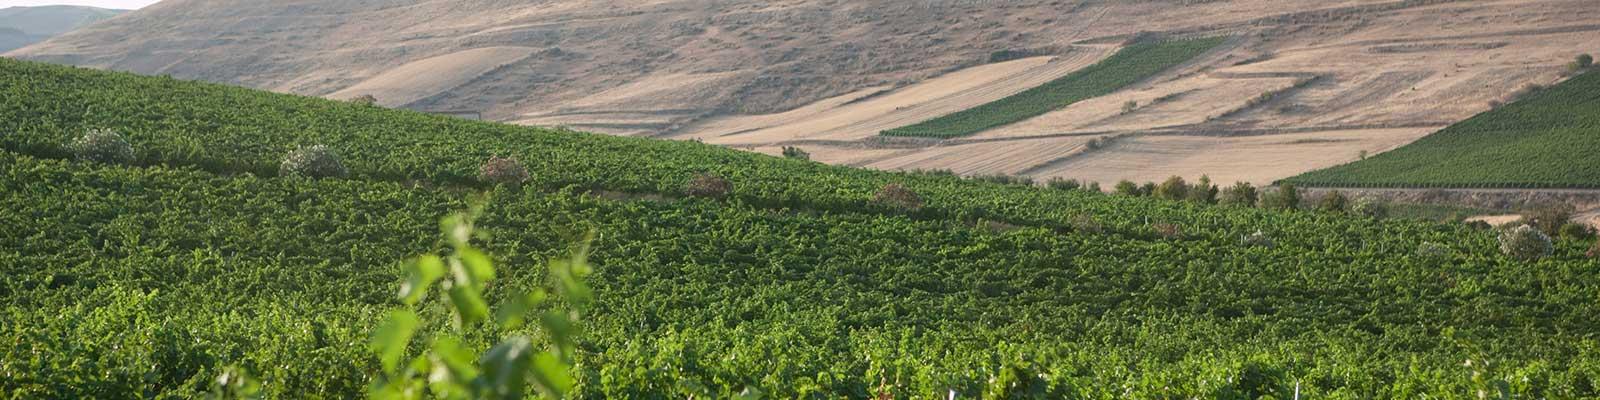 Contact | Wine Academy Italia